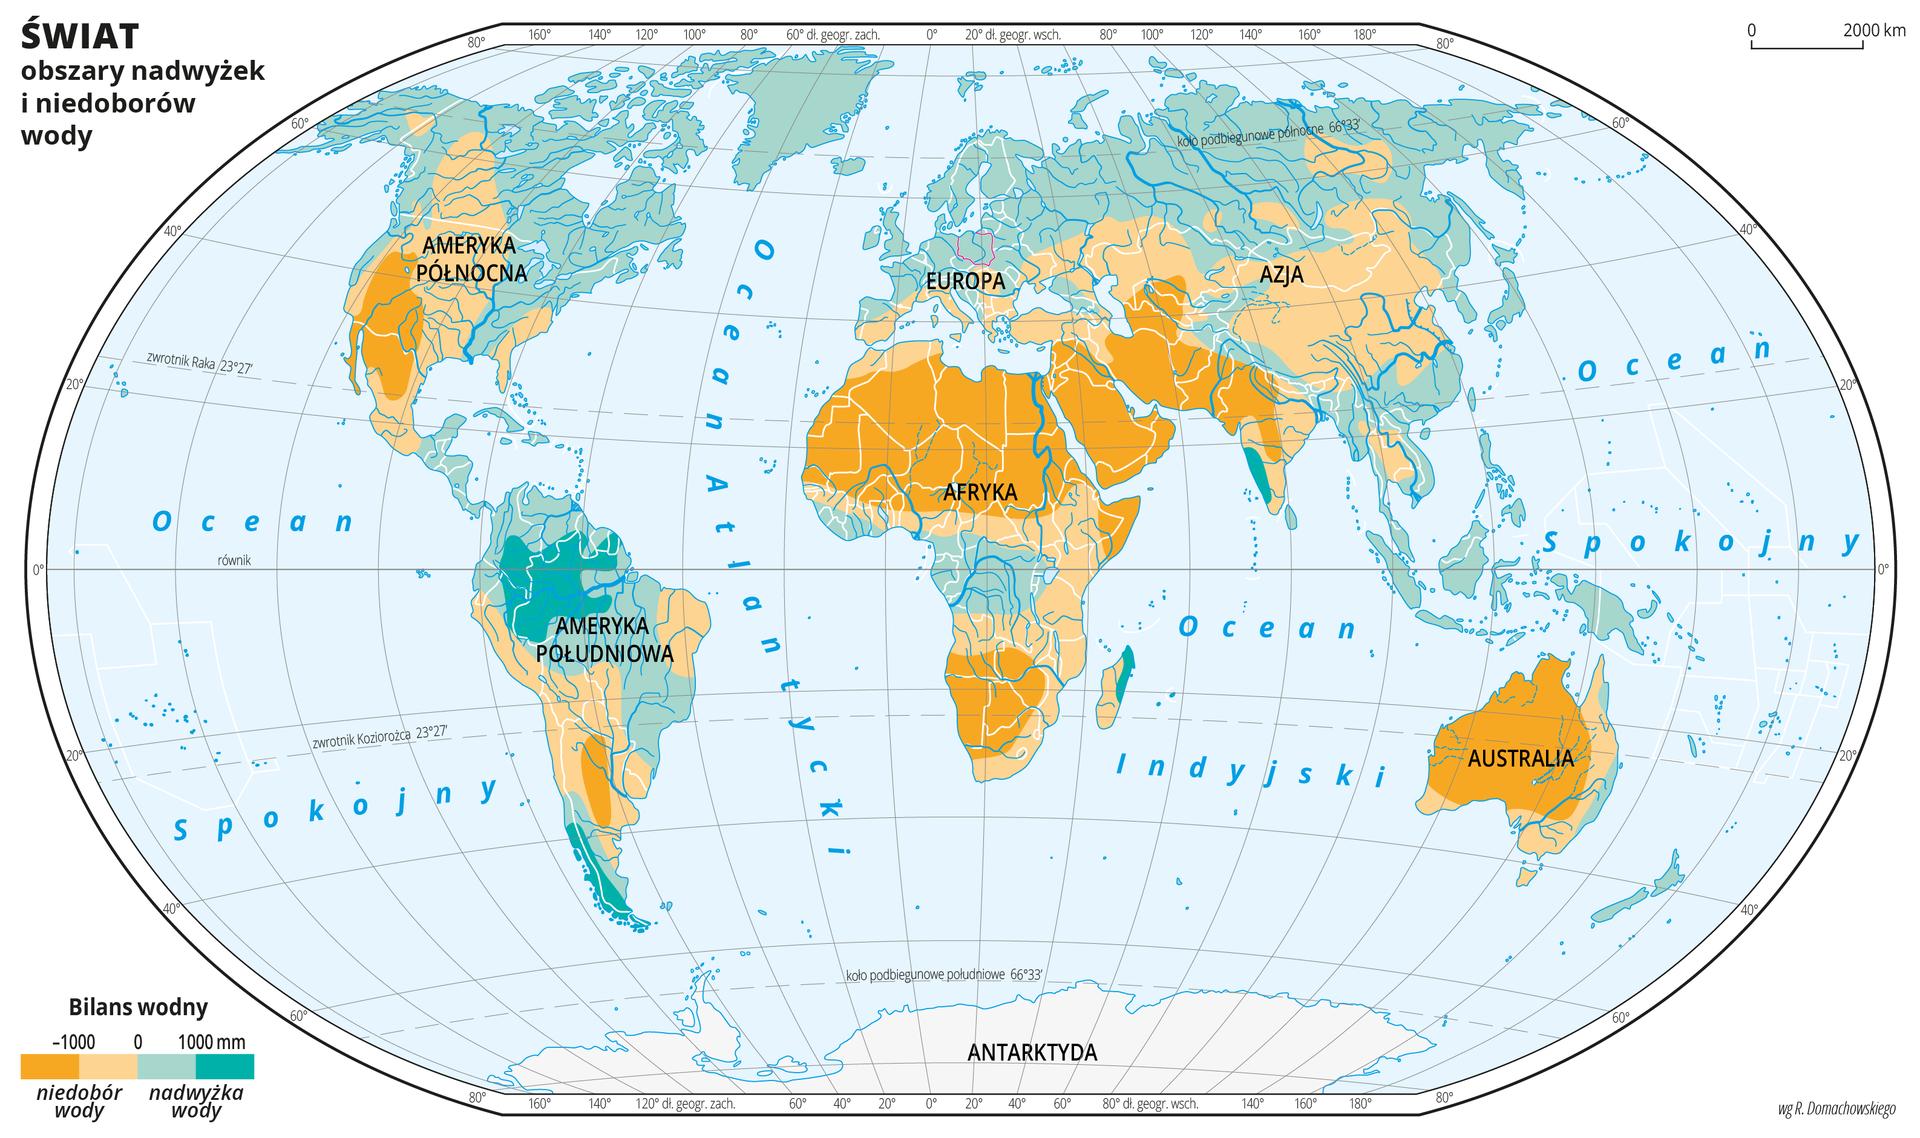 Ilustracja przedstawia mapę świata. Wody zaznaczono kolorem jasnoniebieskim. Na mapie za pomocą kolorów przedstawiono obszary nadwyżek (zielononiebieski) iniedoborów wody (pomarańczowy). Kolor jasno- iciemnopomarańczowy obejmuje obszary położone wzdłuż zwrotników, kolor zielononiebieski jaśniejszy pozostałe obszary, akolorem zielononiebieskim ciemnym przedstawiono obszary położone wzdłuż równika wAmeryce Południowej ipołudniową część Chile. Mapa pokryta jest równoleżnikami ipołudnikami. Dookoła mapy wbiałej ramce opisano współrzędne geograficzne co dwadzieścia stopni.Po lewej stronie mapy narysowano prostokąt podzielony na cztery części. Kolorem ciemnopomarańczowym oznaczono obszary, na których niedobór wody wynosi poniżej tysiąca milimetrów, kolorem jasnopomarańczowym – obszary, na których niedobór wody wynosi od zera do tysiąca milimetrów. Kolorem zielononiebieskim jasnym oznaczono obszary ododatnim bilansie wodnym od zera do tysiąca milimetrów, akolorem zielononiebieskim ciemnym obszary, na których nadwyżka wody wynosi powyżej tysiąca milimetrów.